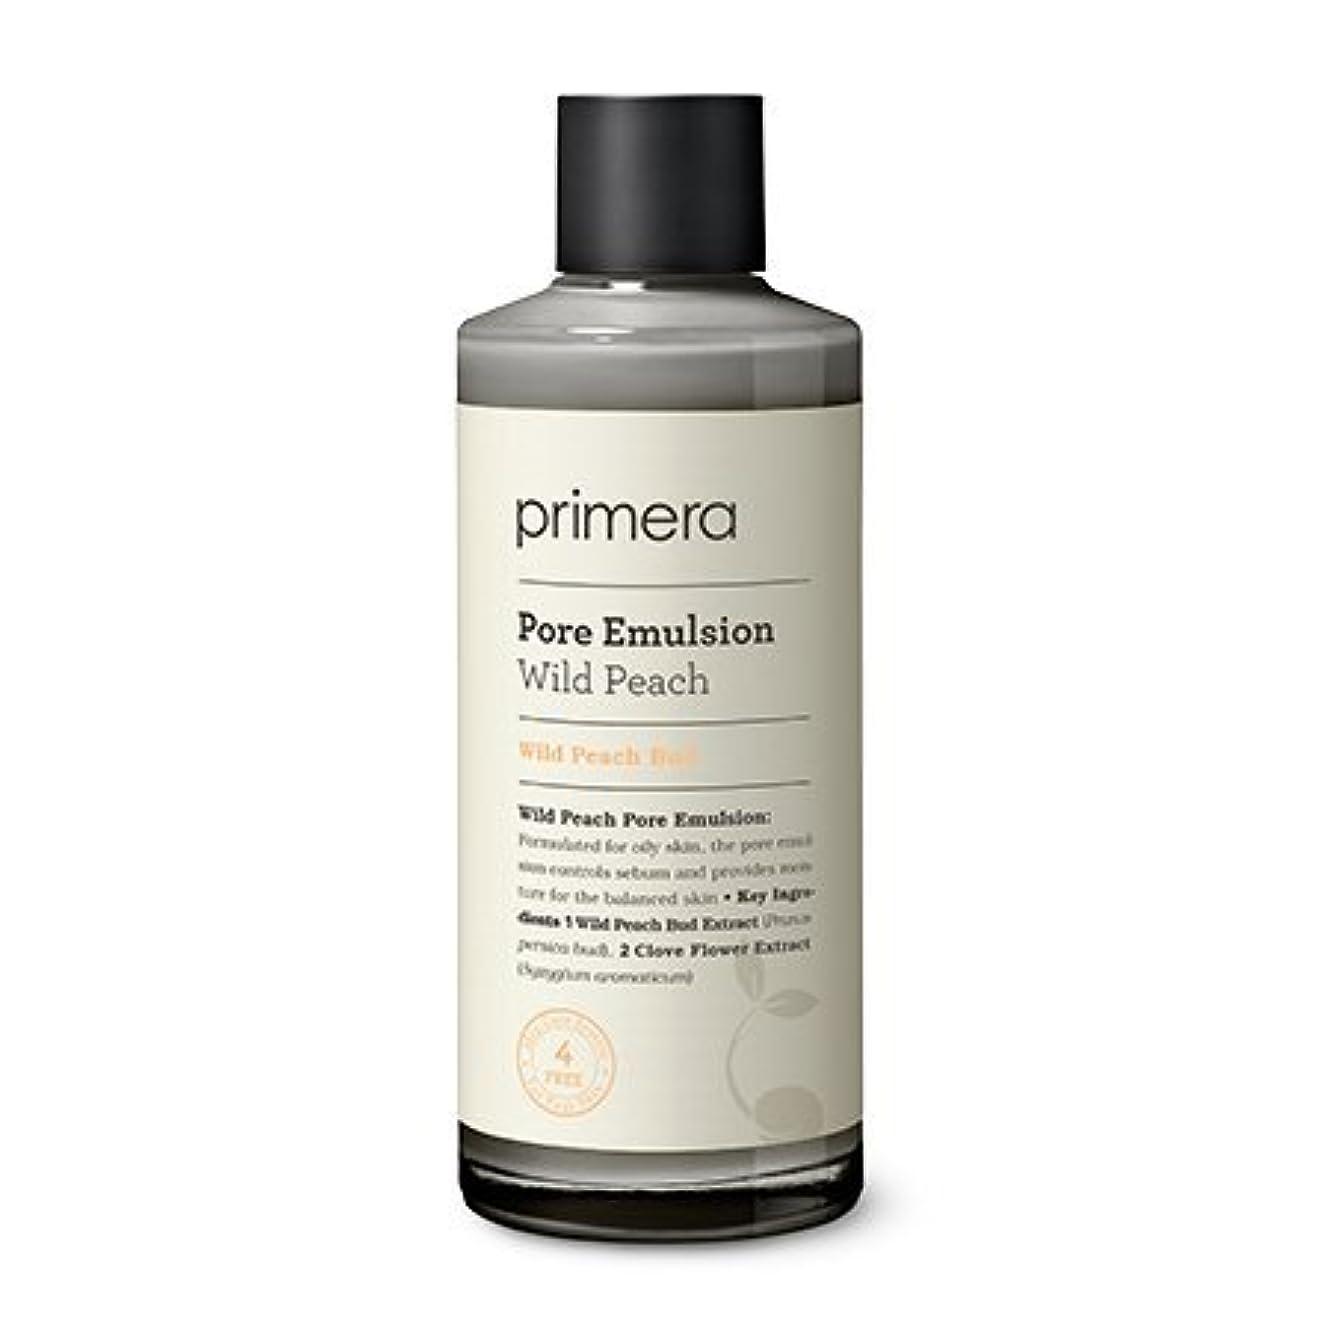 打倒ぜいたくについて【Primera】Wild Peach Pore Emulsion - 150ml (韓国直送品) (SHOPPINGINSTAGRAM)